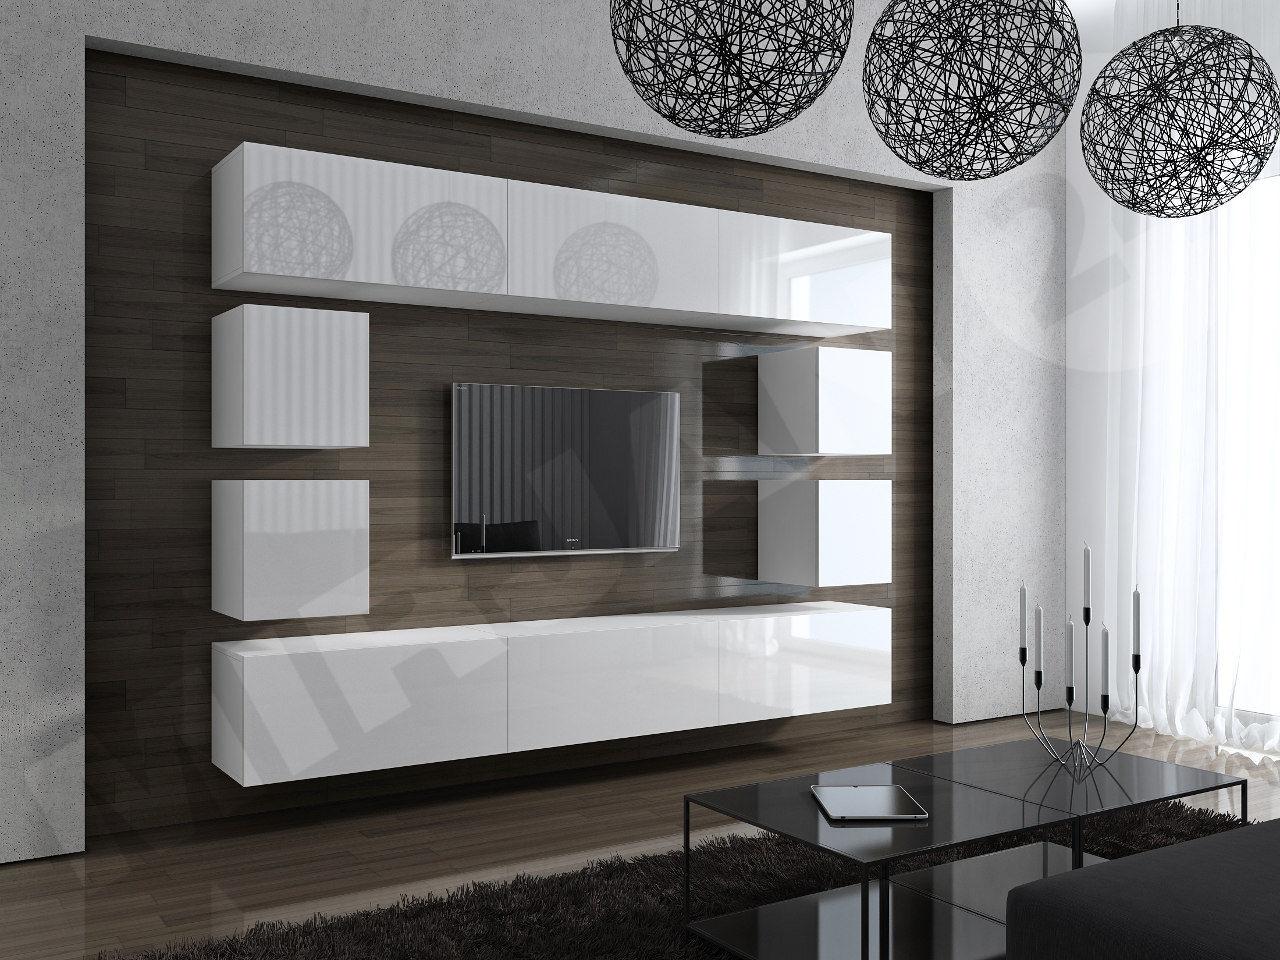 Wohnwand concept 17 design hochglanz weiß   dachmax